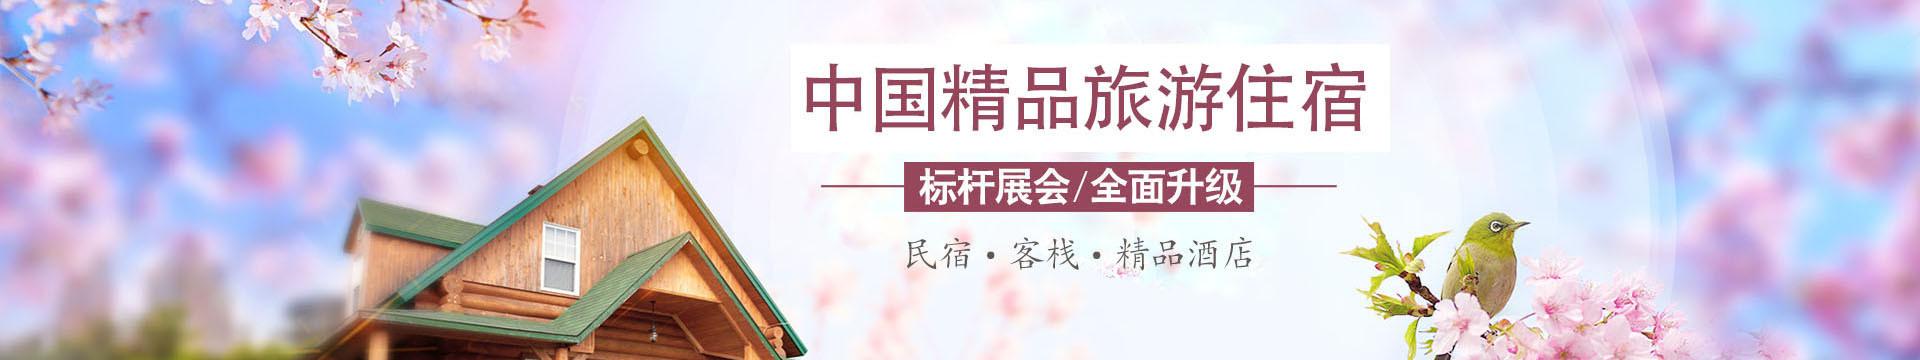 2017中国(上海)国际民宿•客栈与精品酒店高峰论坛